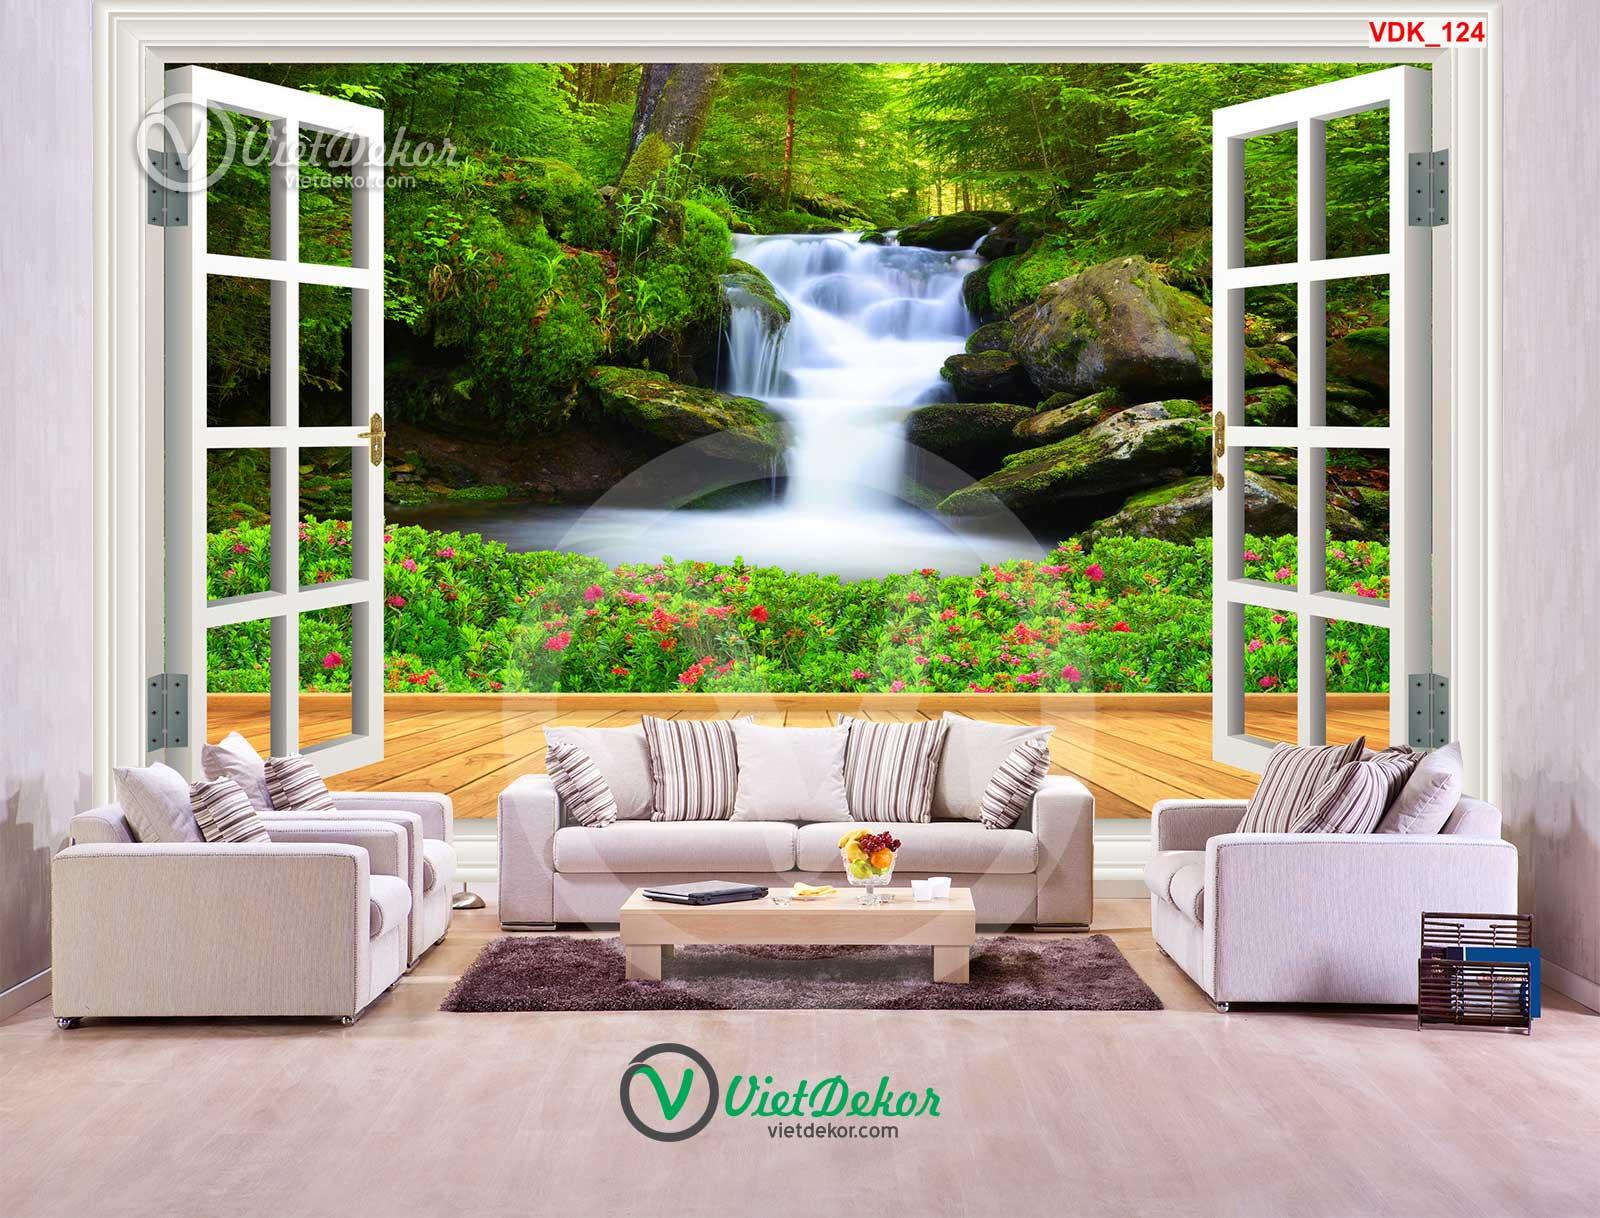 Tranh 3d cửa sổ thác nước và hoa